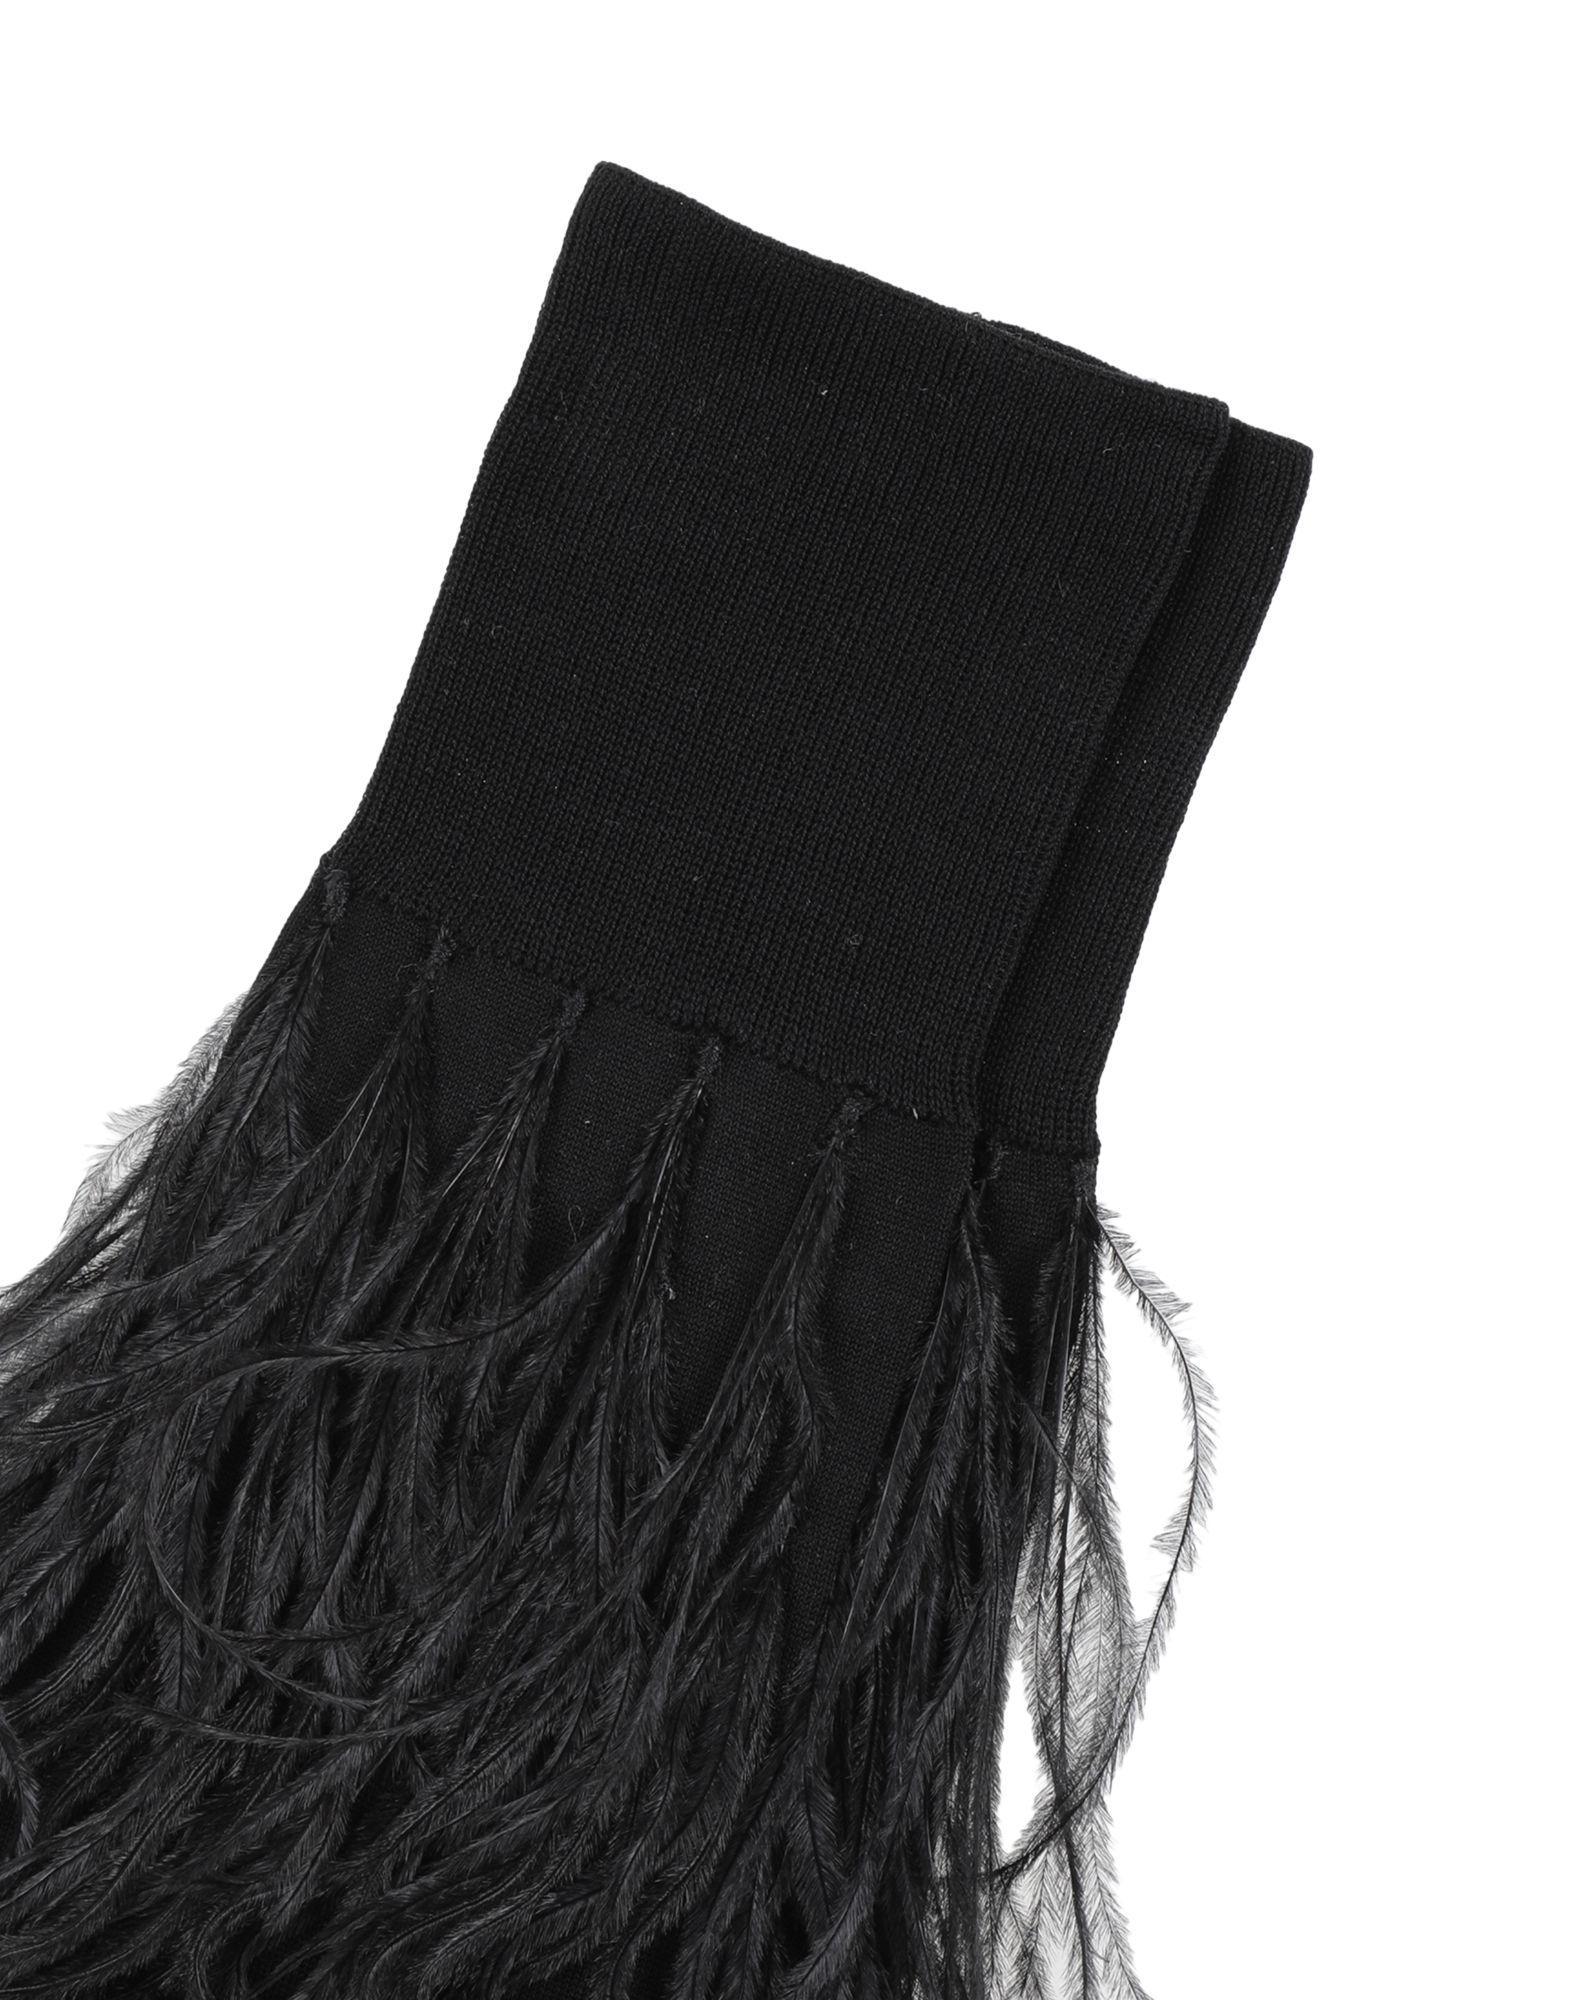 Socquettes Synthétique N°21 en coloris Noir